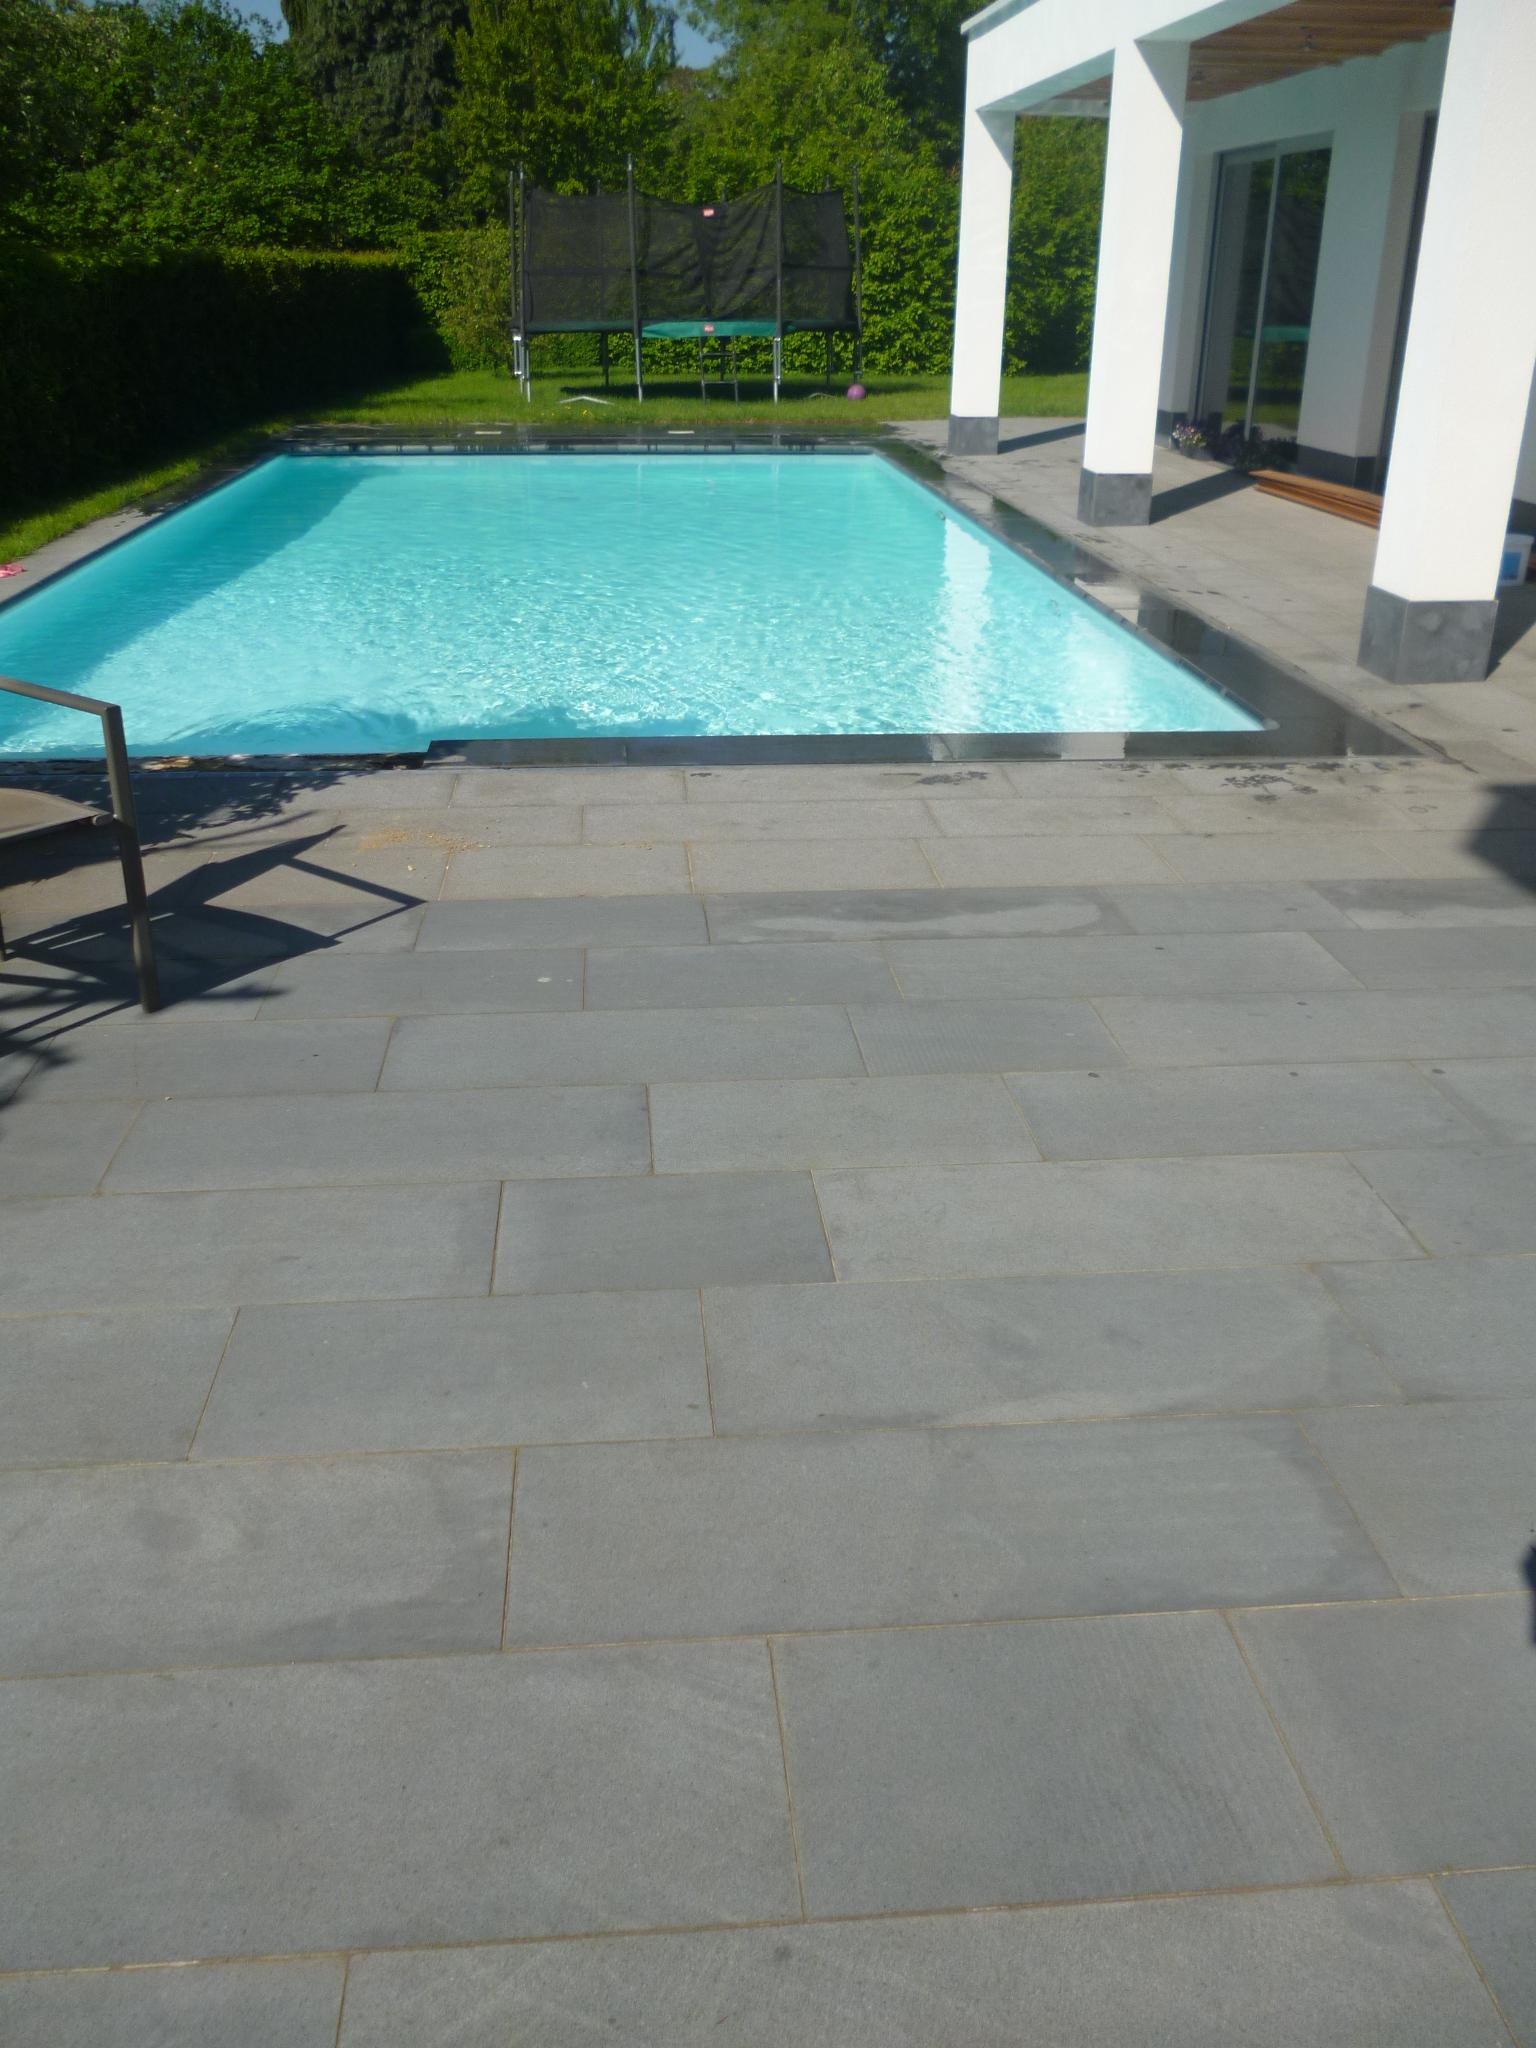 zwembadboorden in zwarte en terrastegels in grijze graniet - De ...